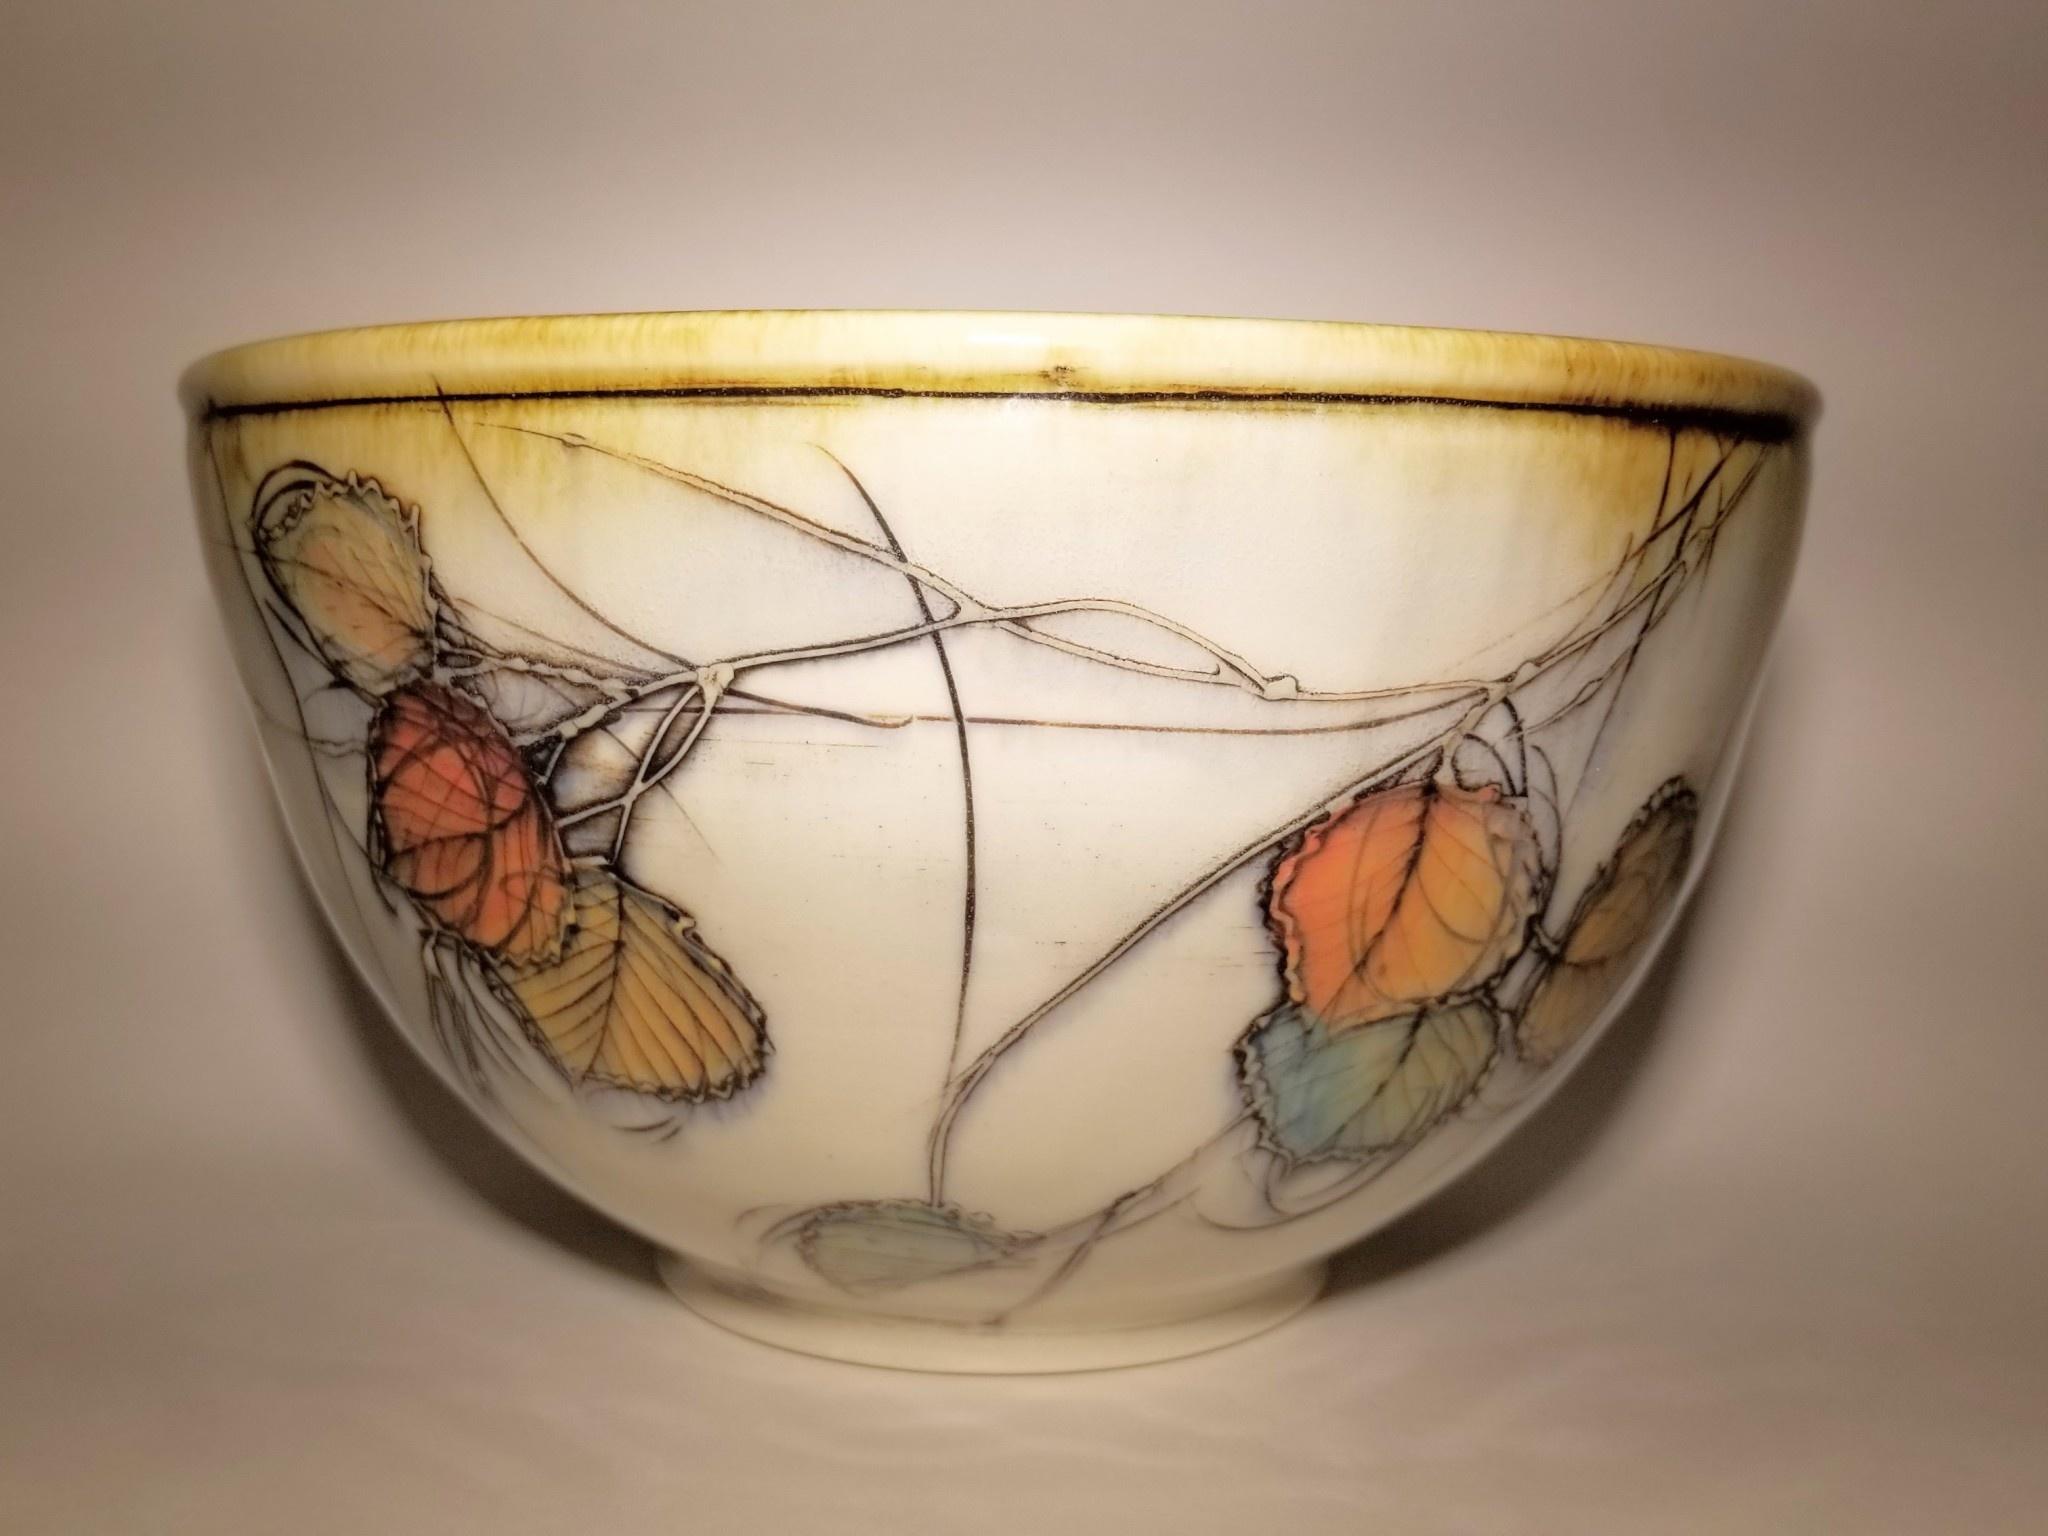 Little Sister Pottery Little Sister Pottery - Large Nesting Bowl